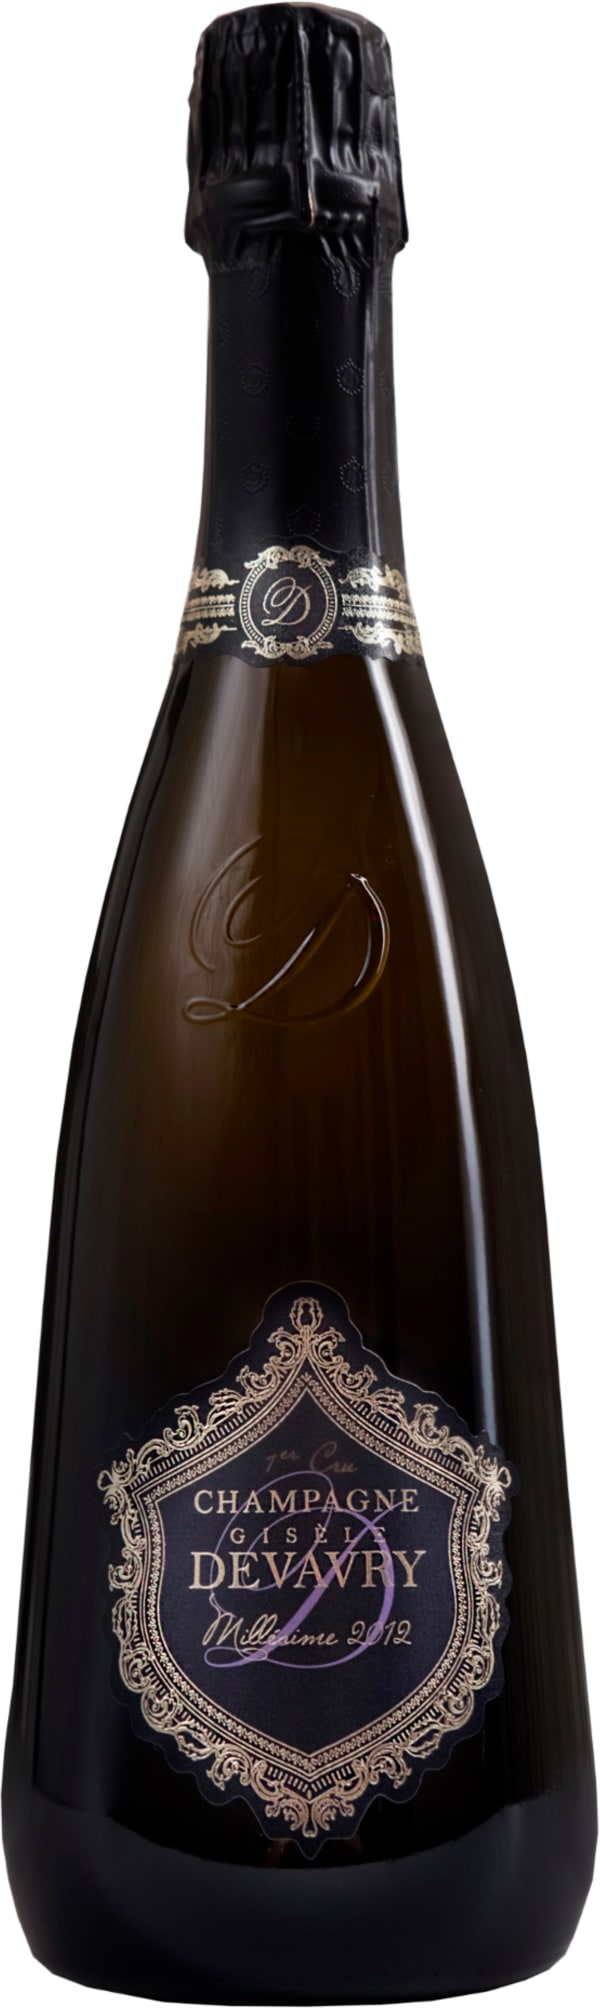 Gisèle Devavry Millésime Champagne Champagne Brut 2012